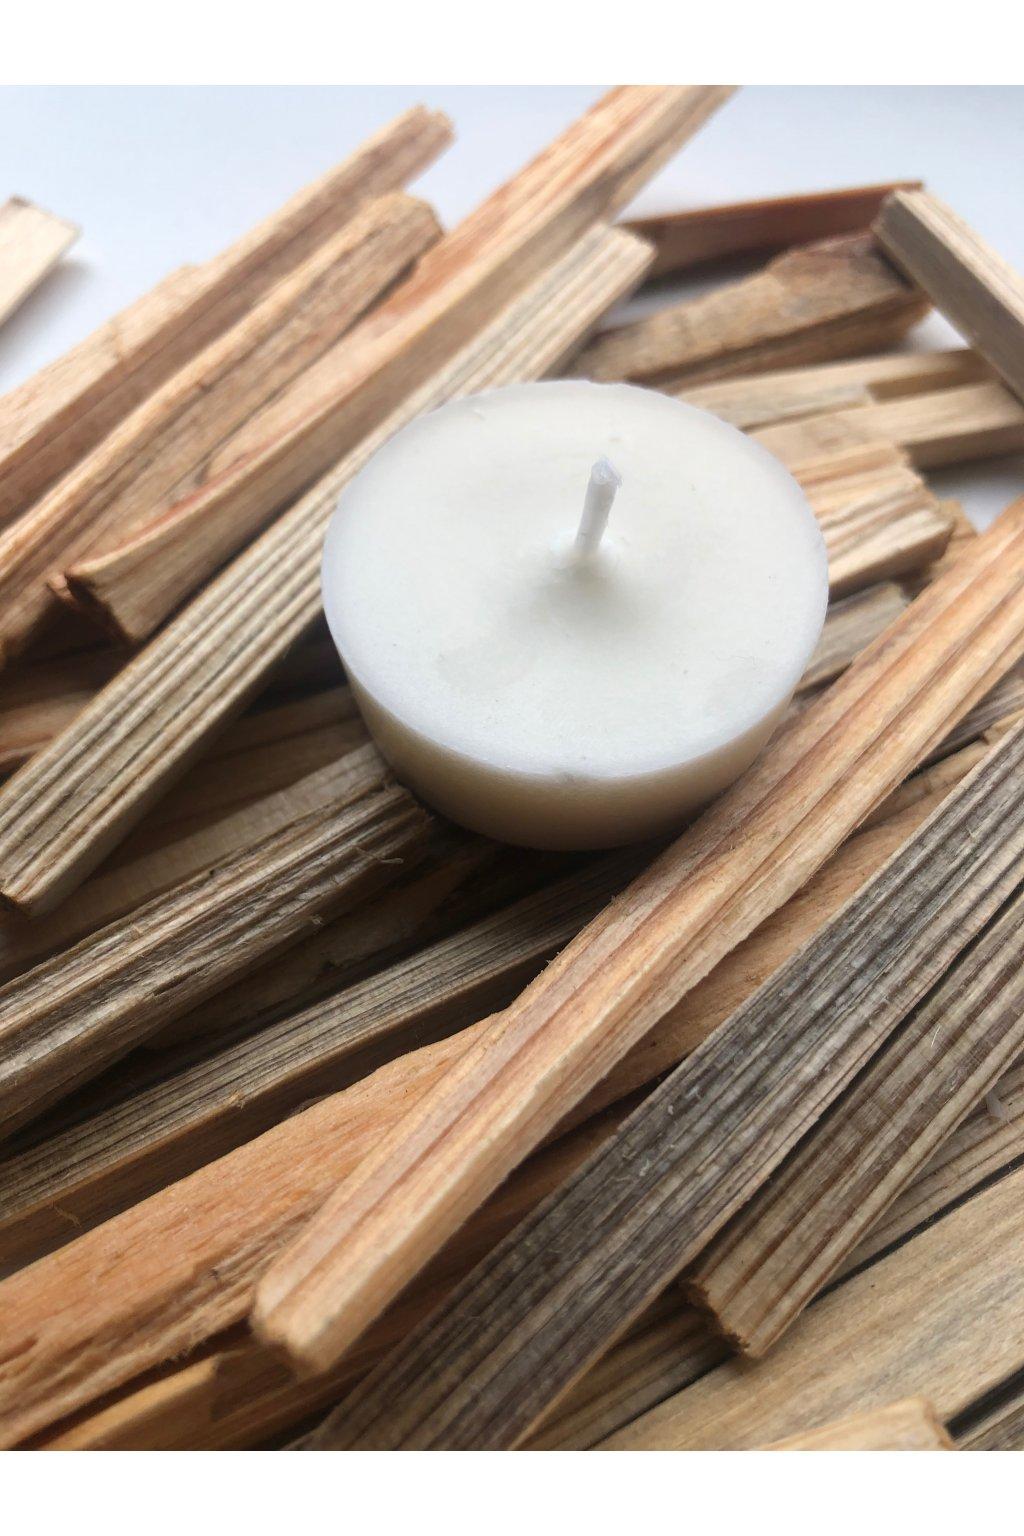 Čajové sójové svíčky, bez aromatizace